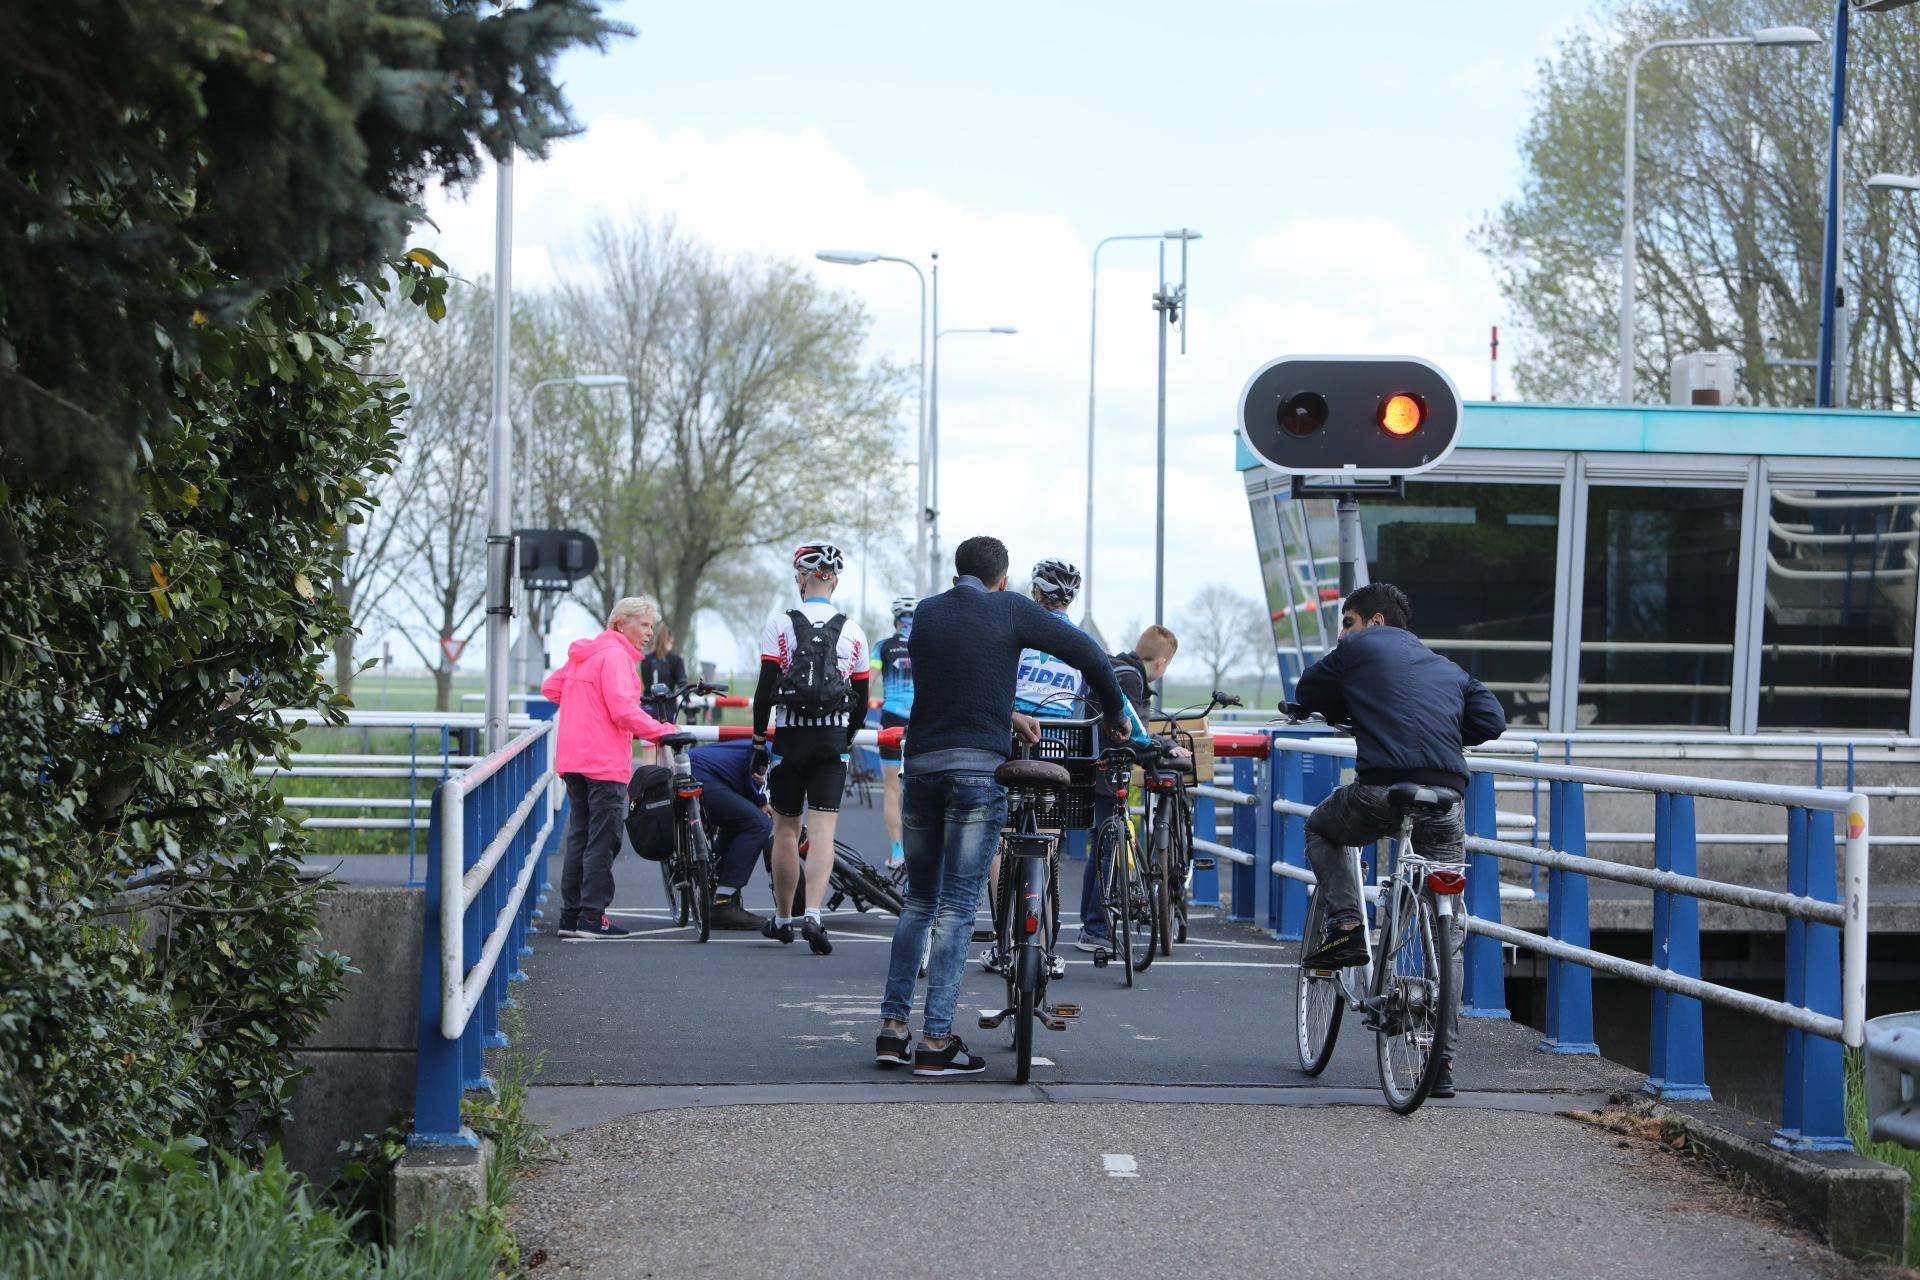 En opnieuw is het mis bij de brug over de Eem in Eembrugge; Voor de zoveelste keer gaan de slagbomen weer niet omhoog